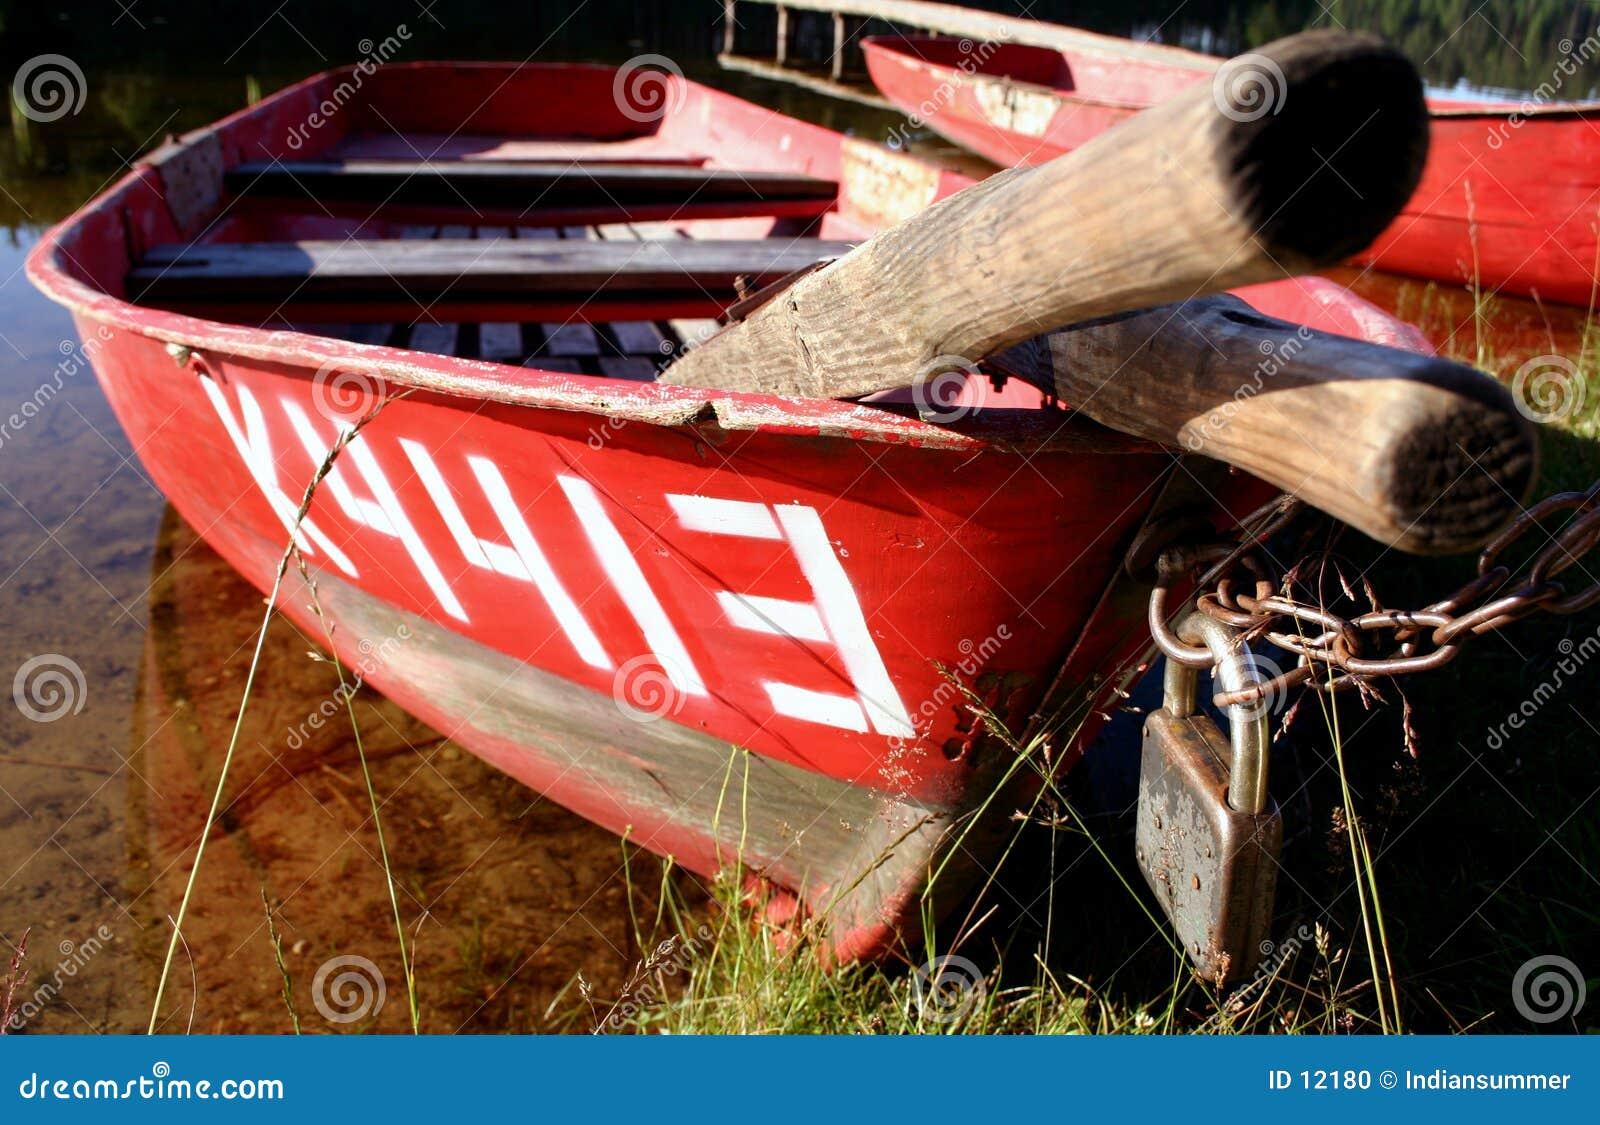 Boat locked III